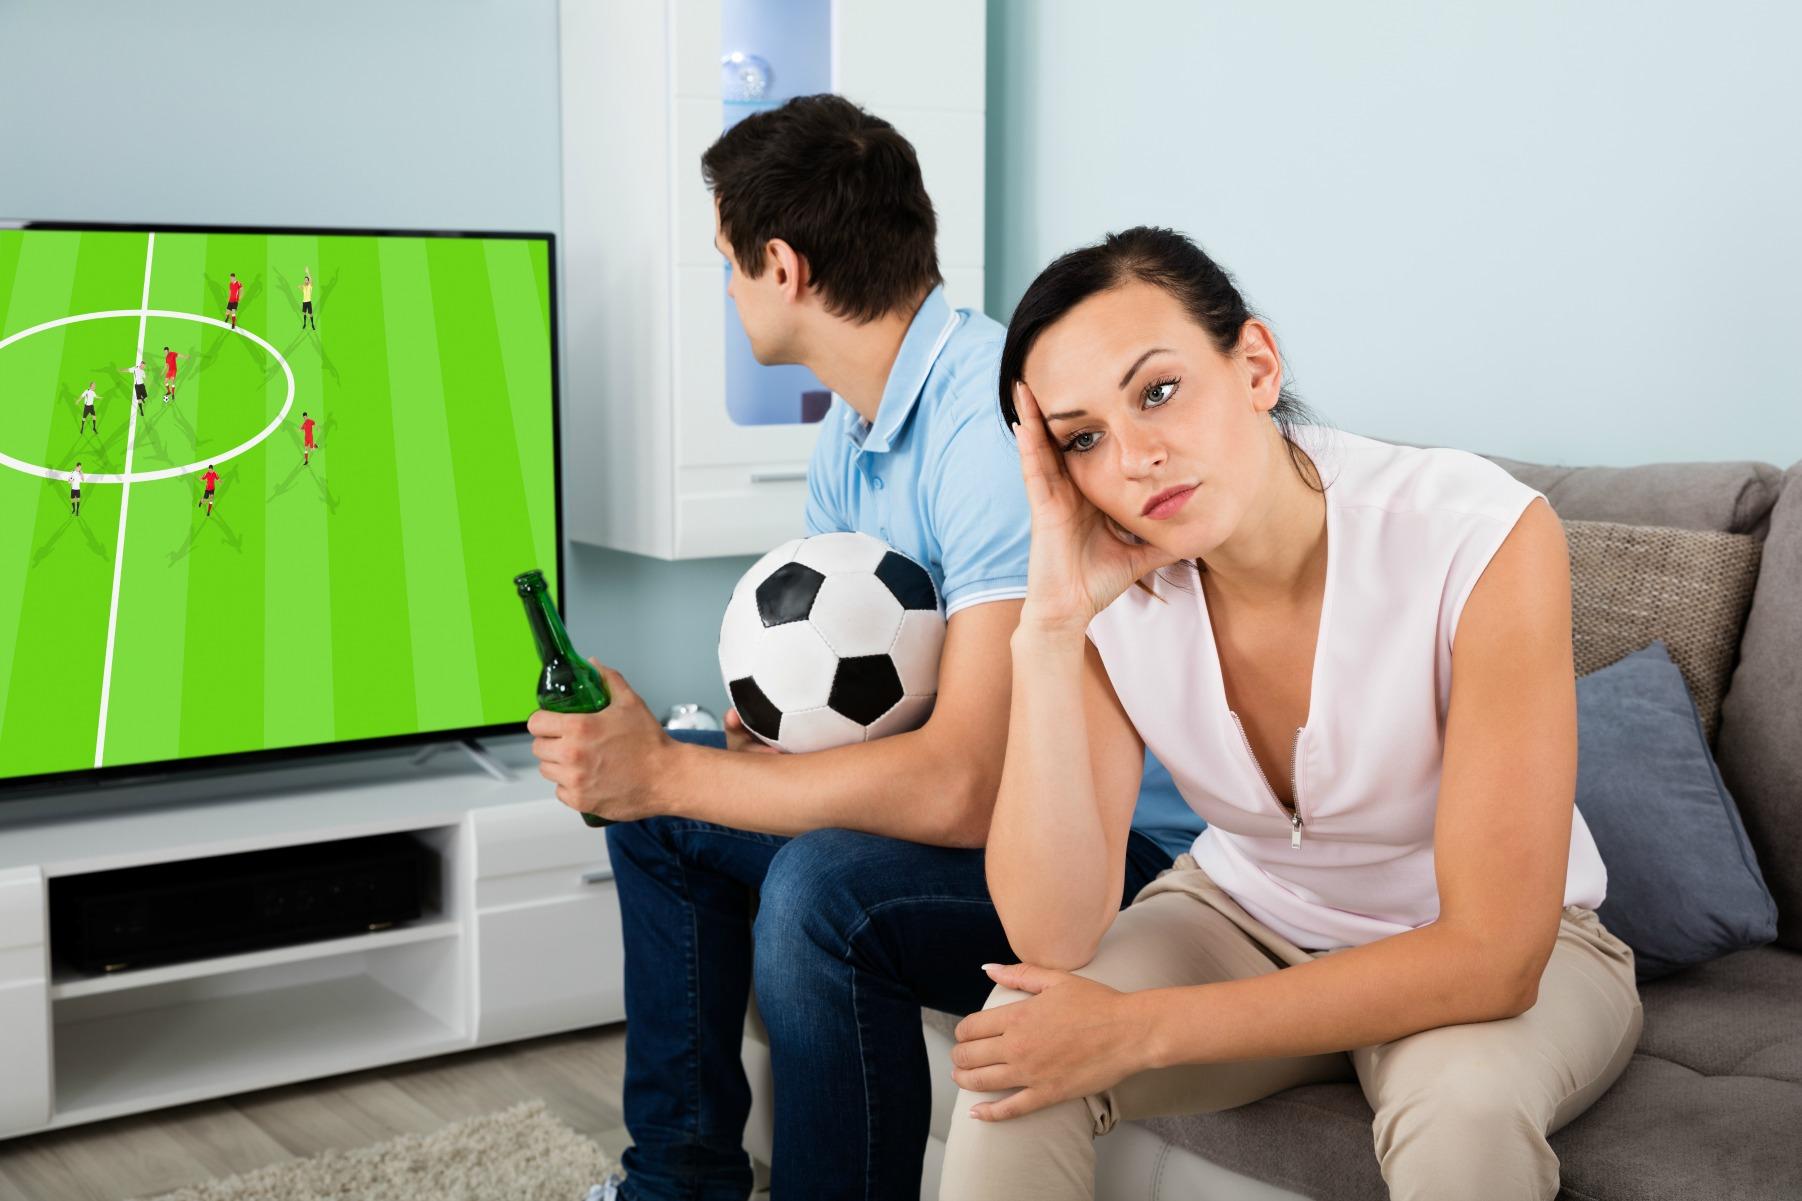 fodbold, tv, par, forhold, kæreste, kvalitetstid, flytte sammen